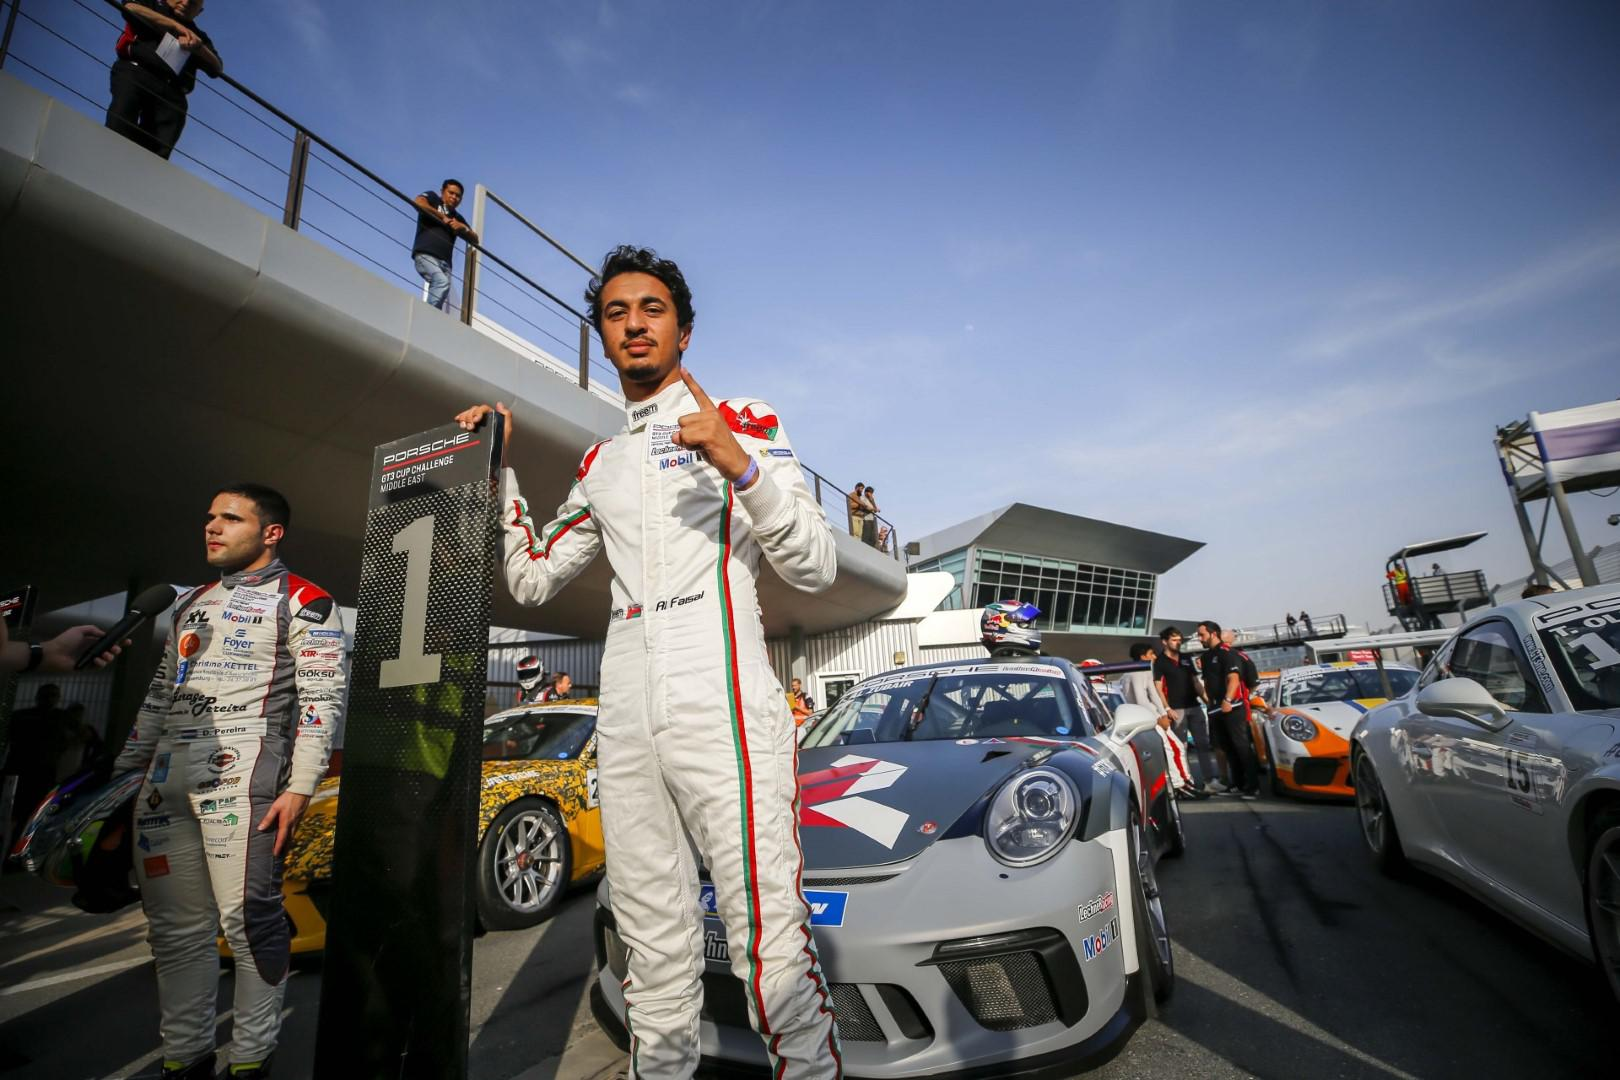 الفيصل الزُبير يتألق بفوزه الثاني في سباق دبي